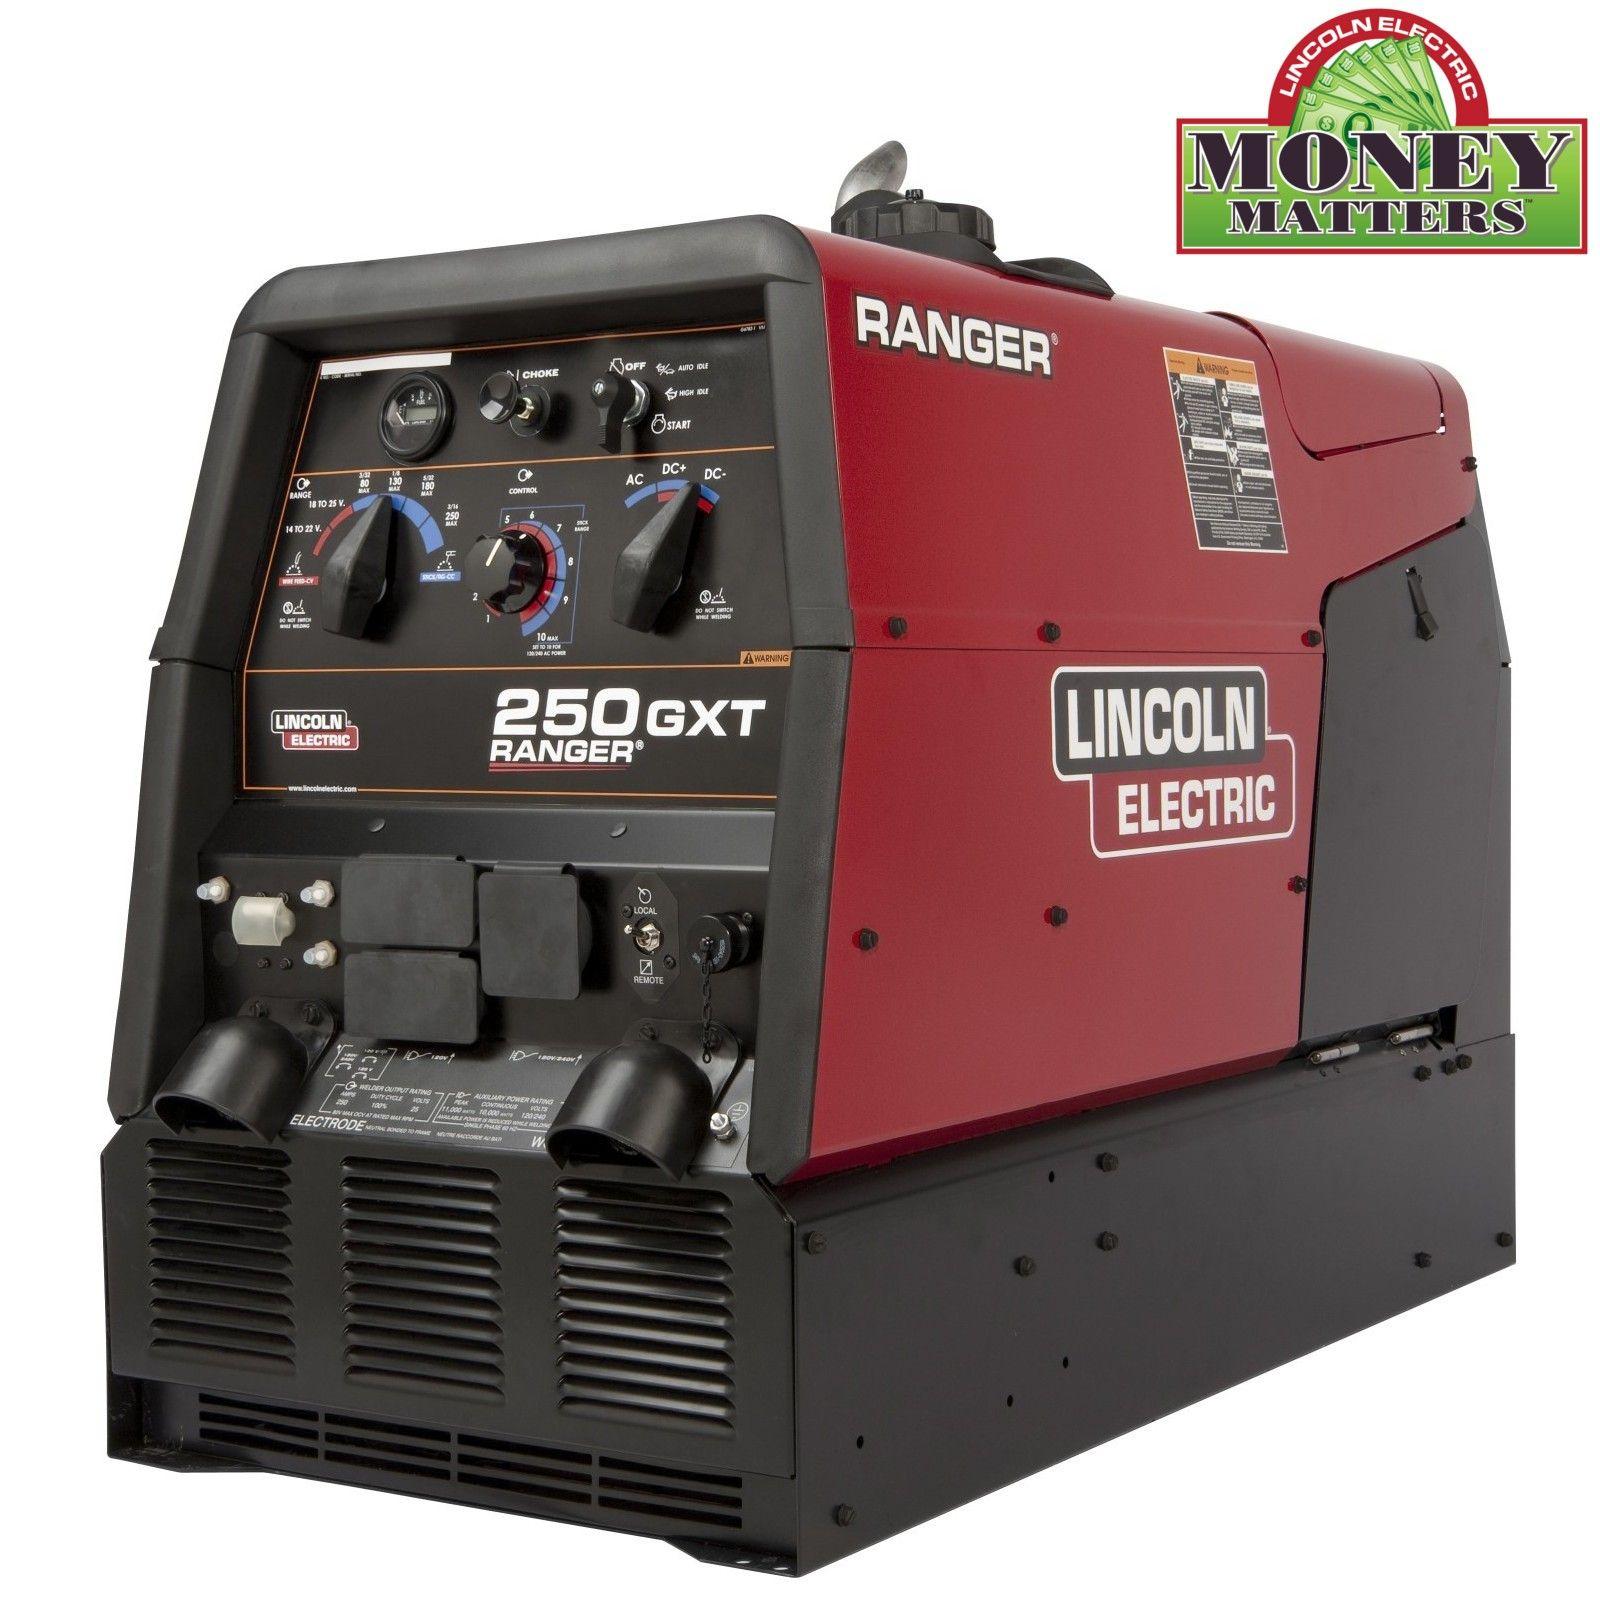 Lincoln Ranger 250 Gxt Welder Generator K2382 4 Welder Generator Electric Welding Welding Machine